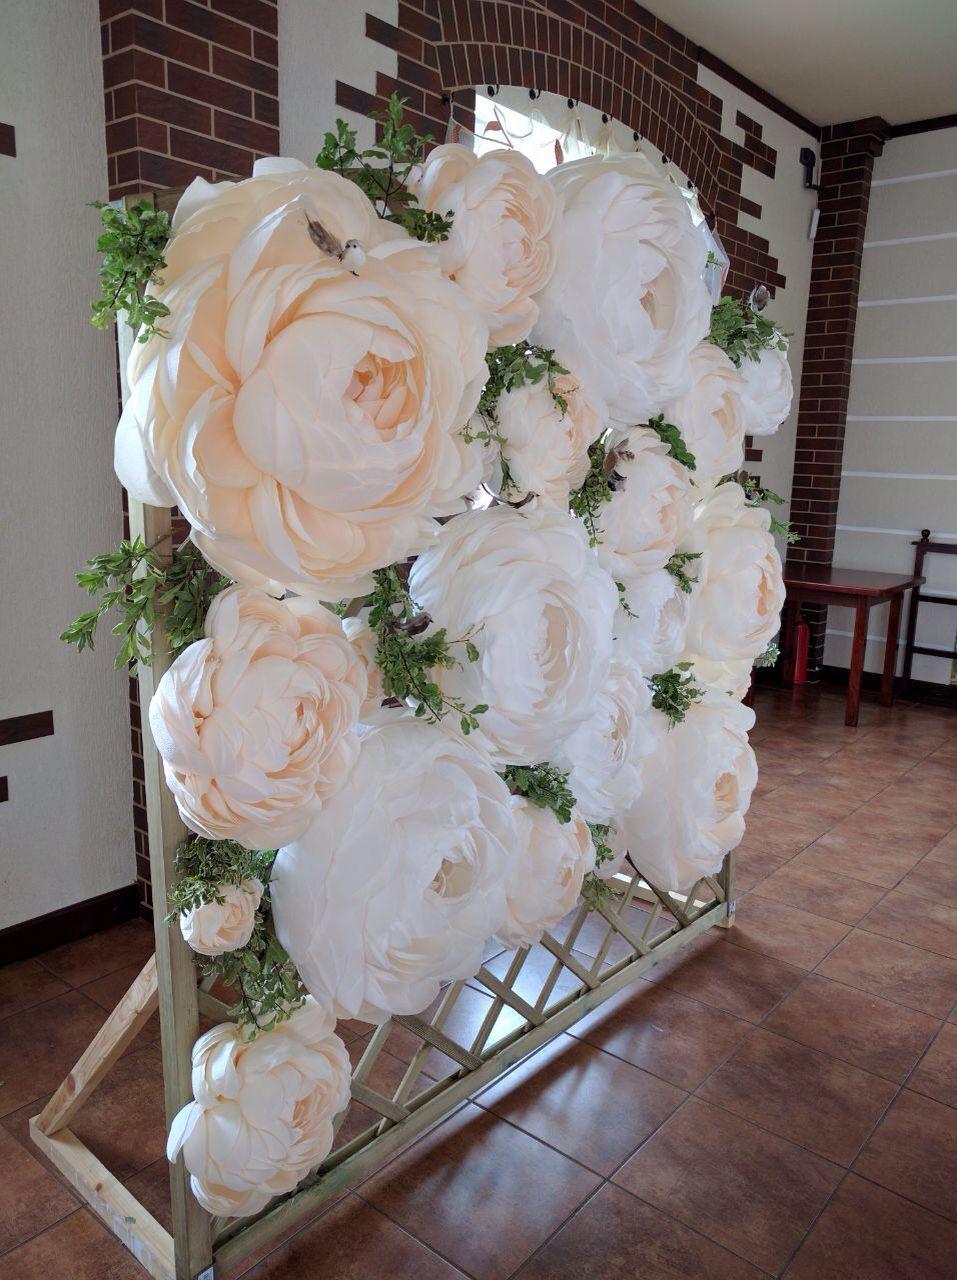 Купить Фотозона или задник для молодожёнов  декор свадьбы задник